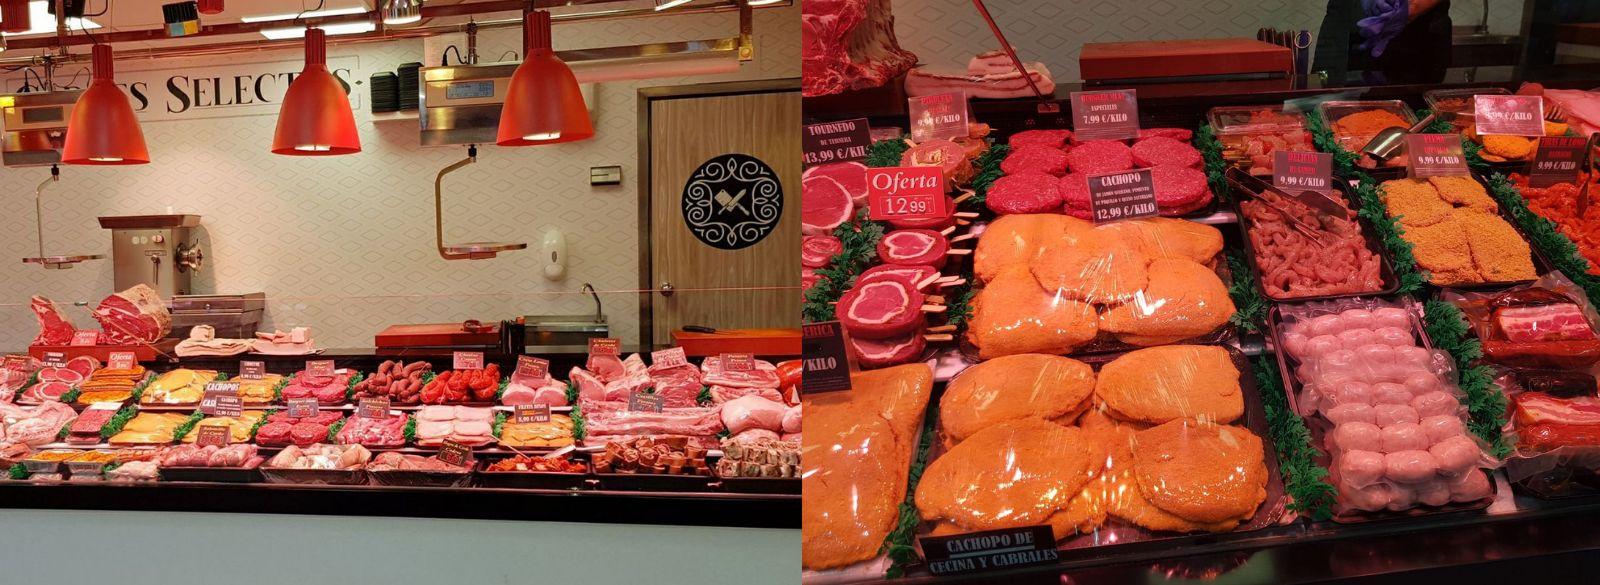 Ternera asturiana: Productos de Carnicería La Fuente IV